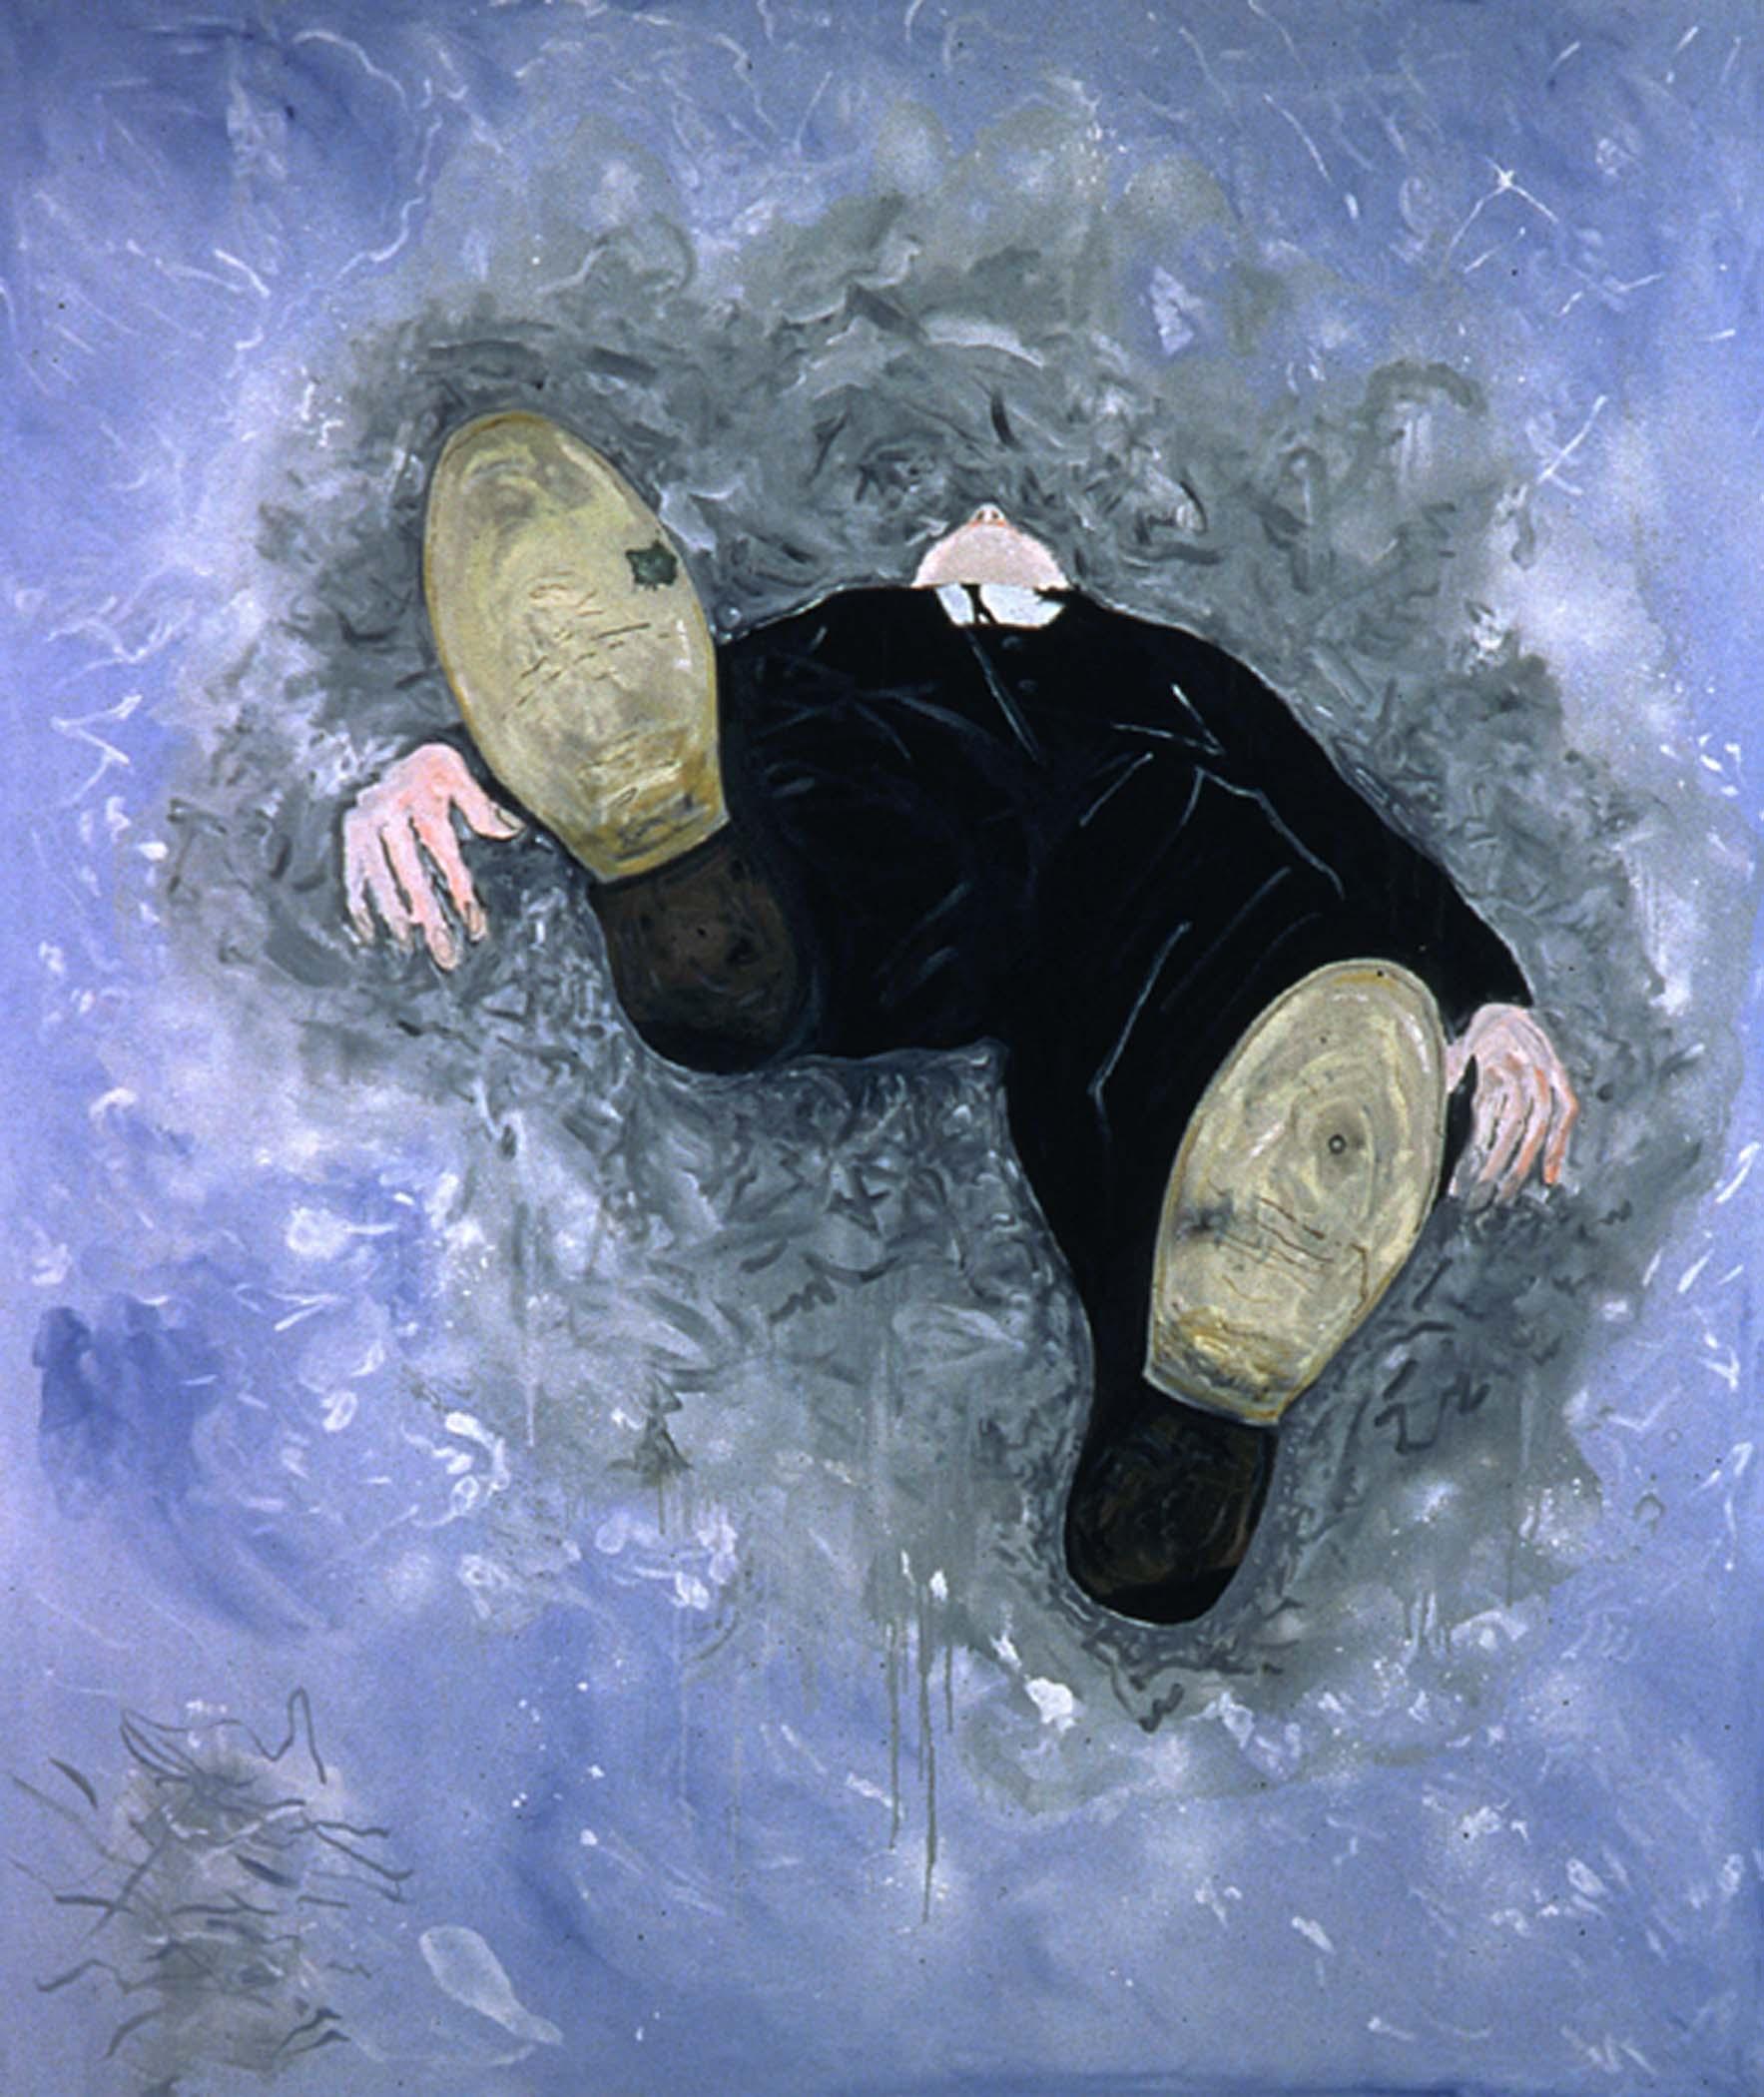 """Sous un nuage gris,  2000, huile sur toile / oil on canvas, 68""""x 80"""", 172 x 203 cm."""